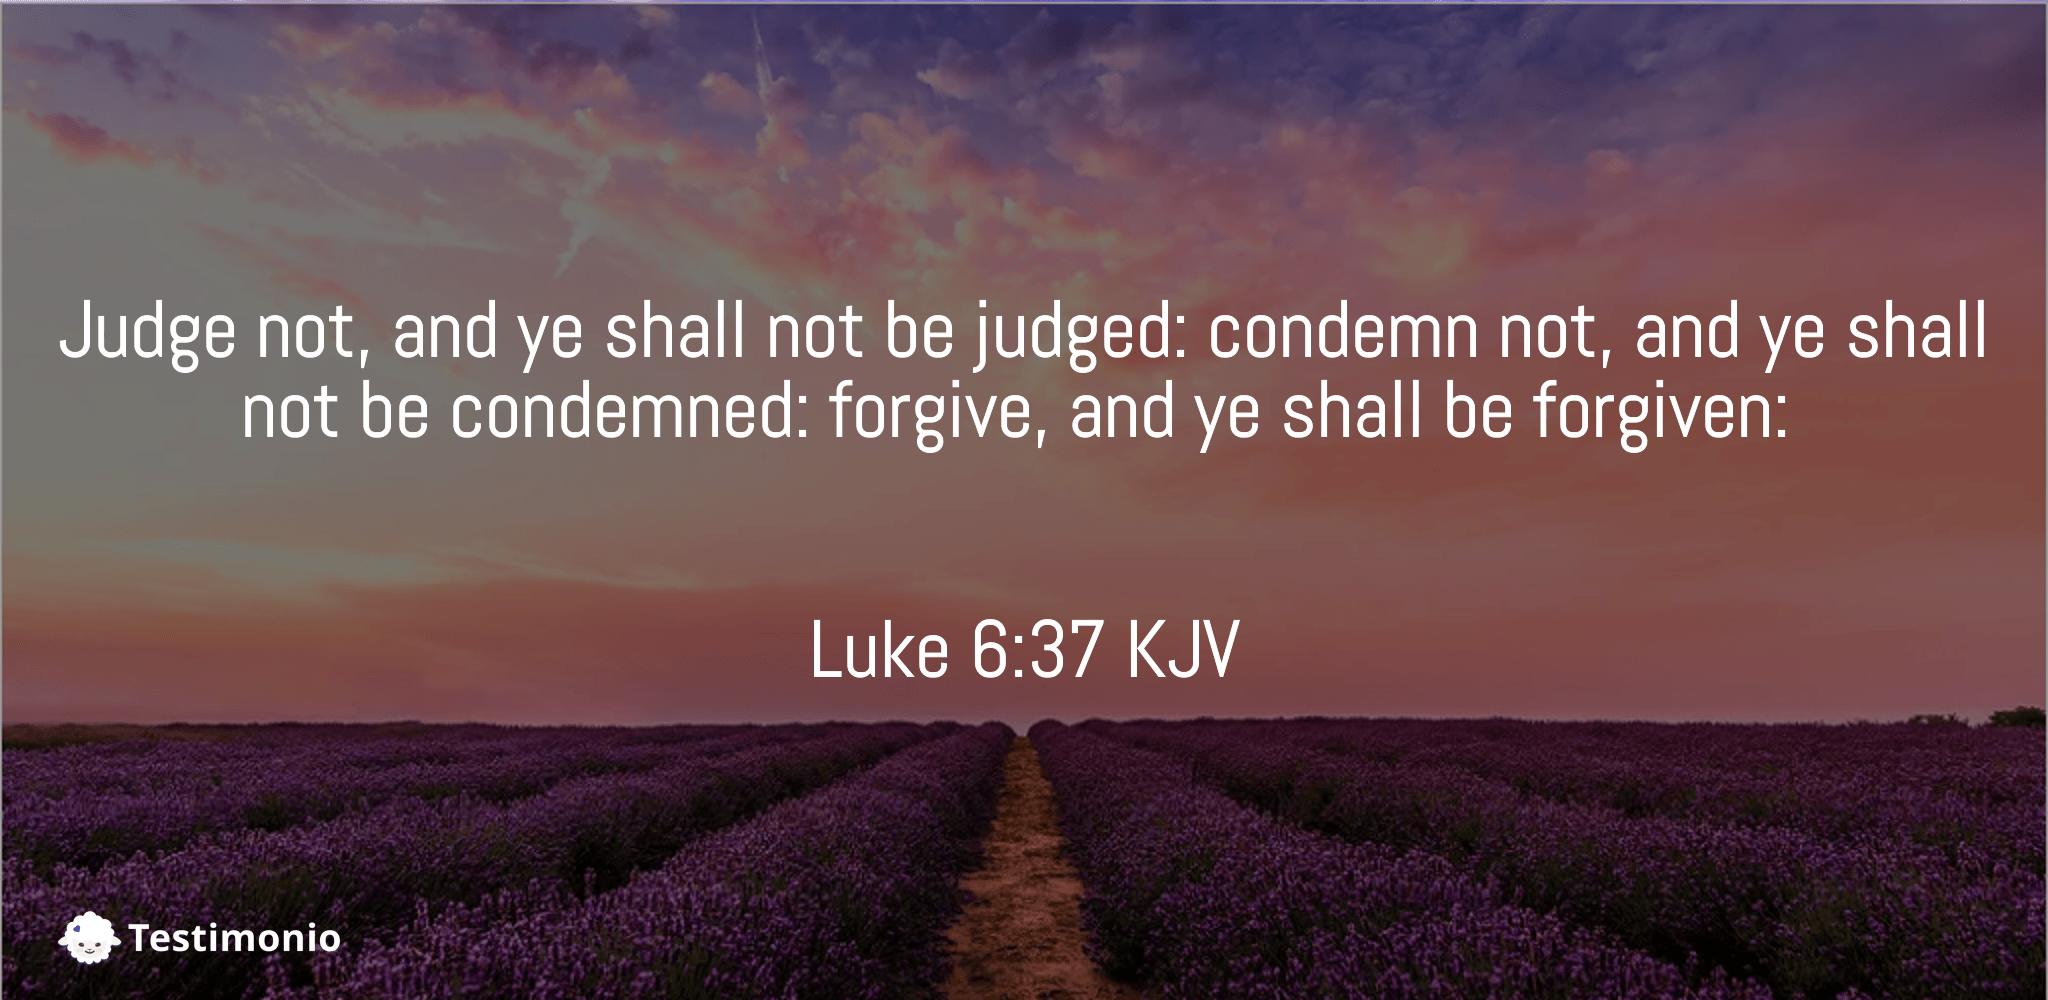 Luke 6:37